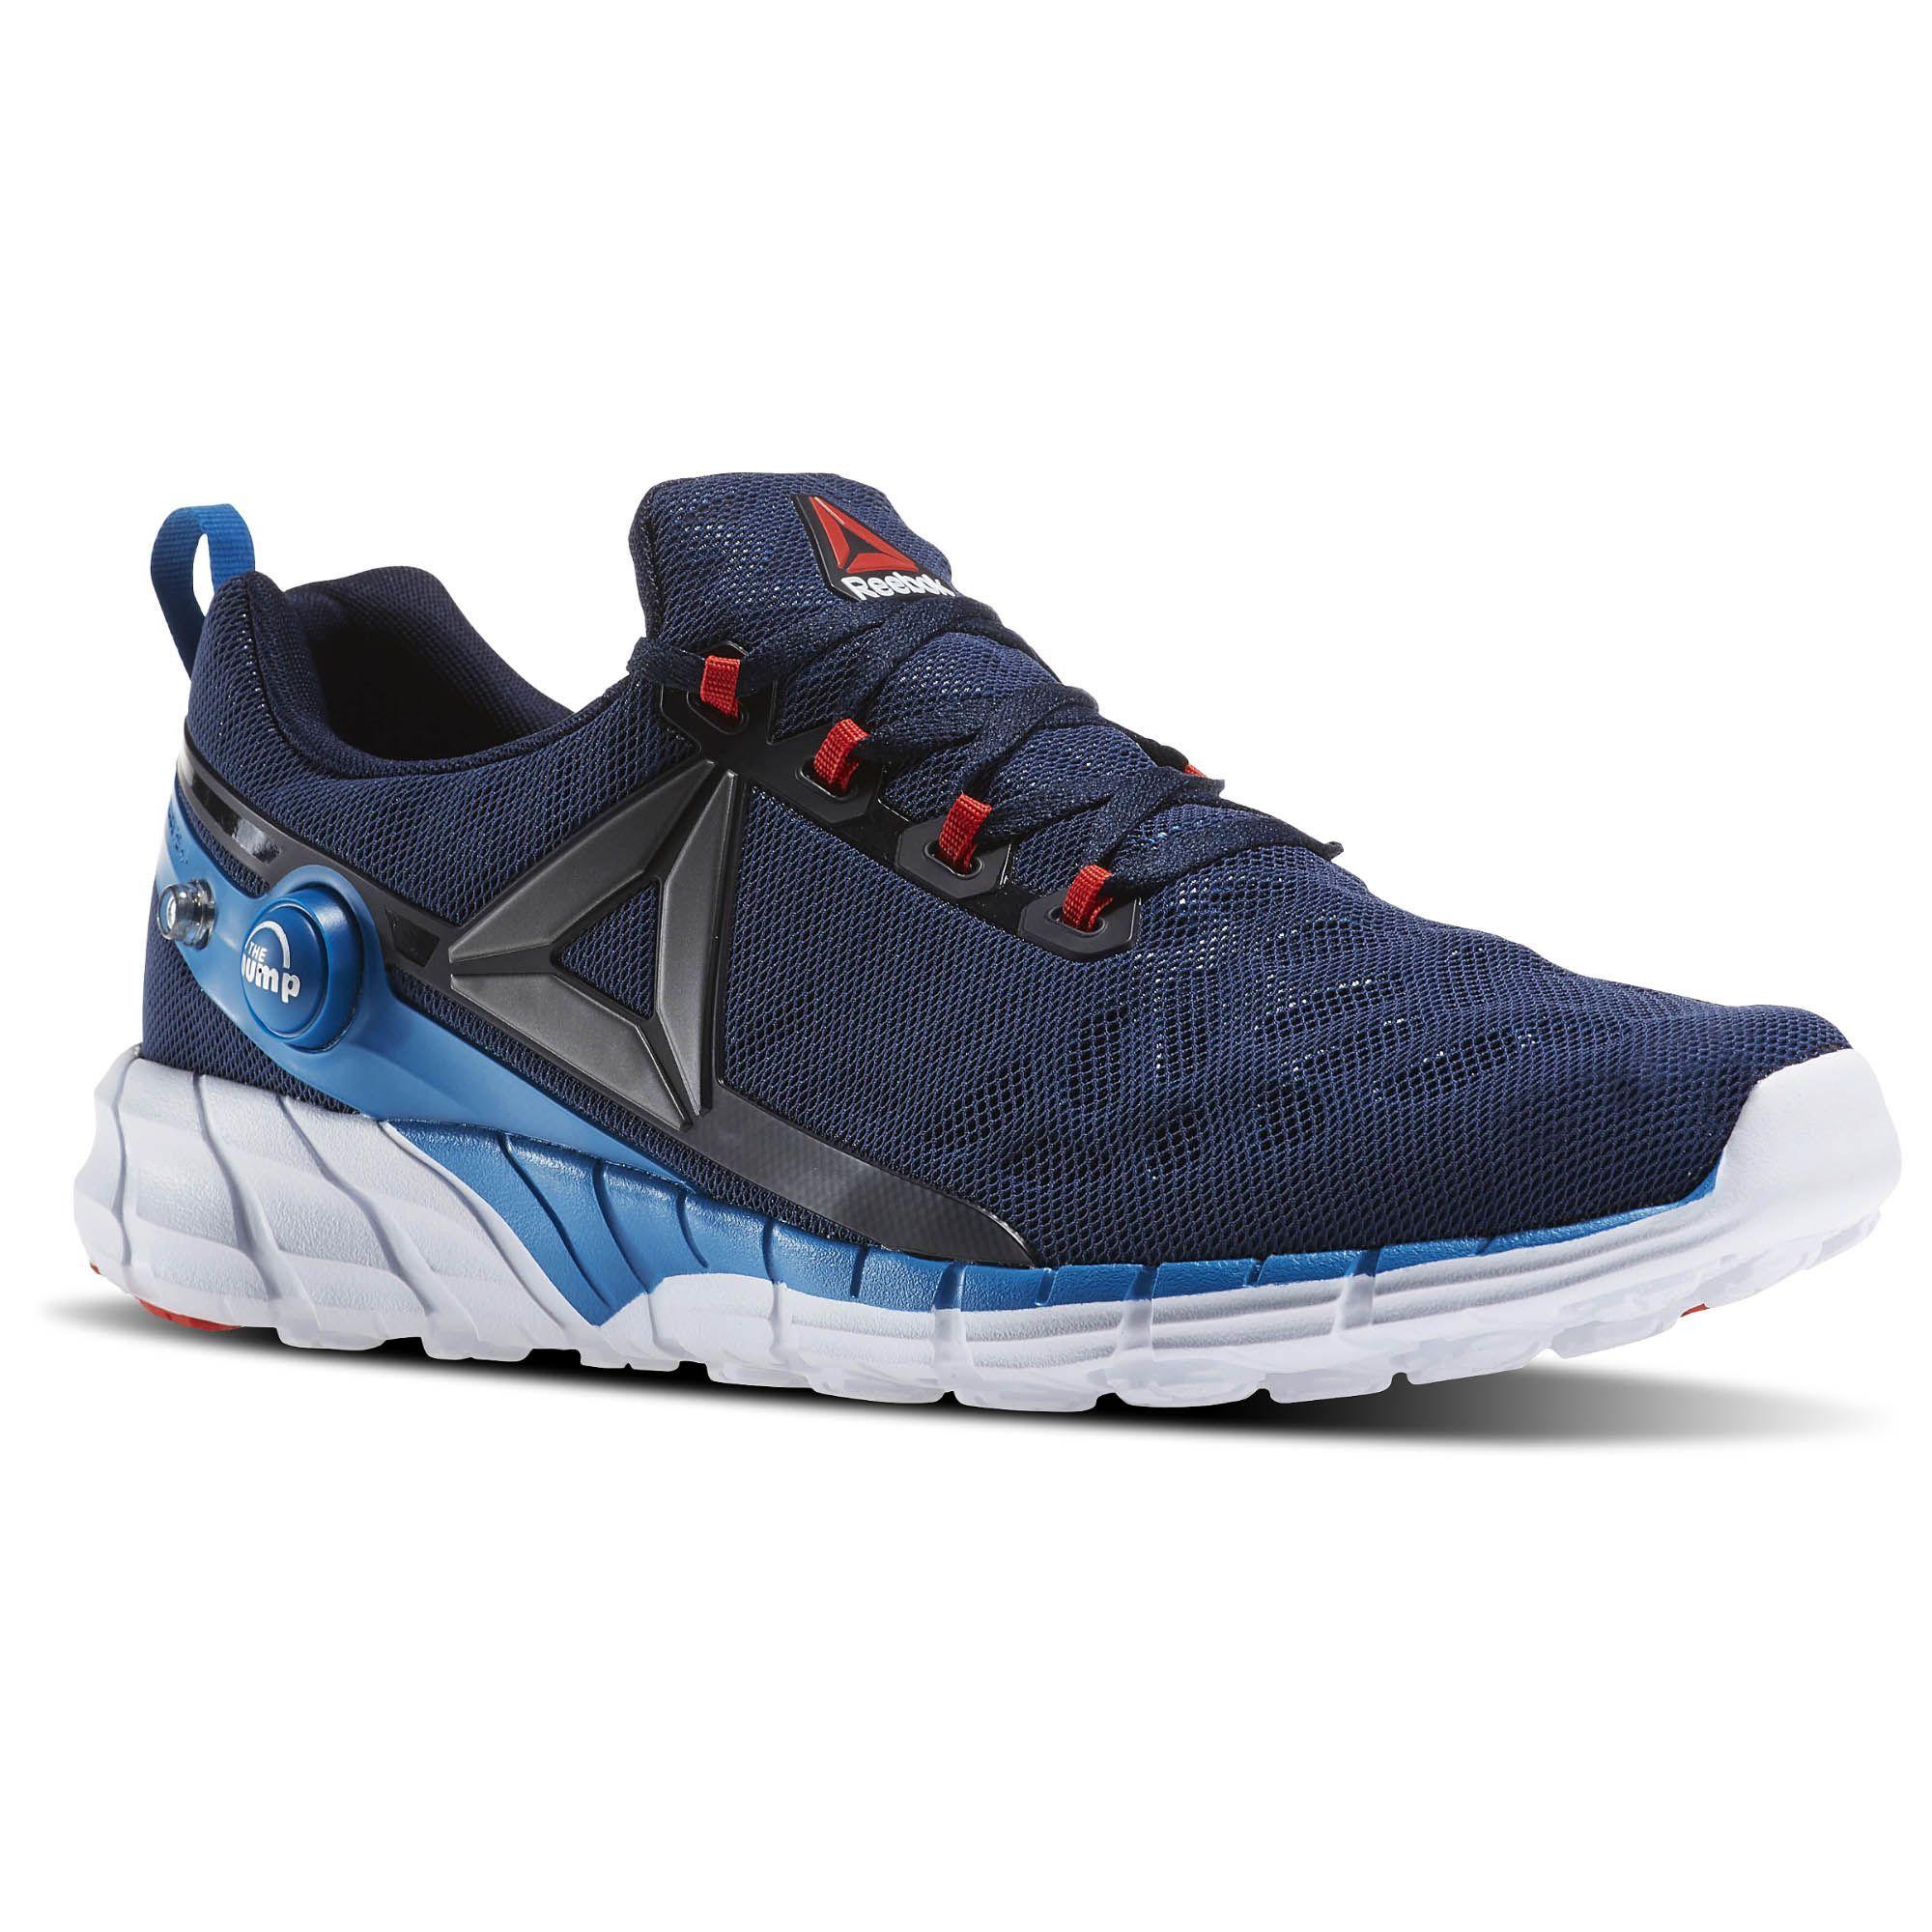 Reebok AR0086 REEBOK ZPUMP FUSION 2.5 Lacivert Erkek Yürüyüş Koşu Ayakkabısı